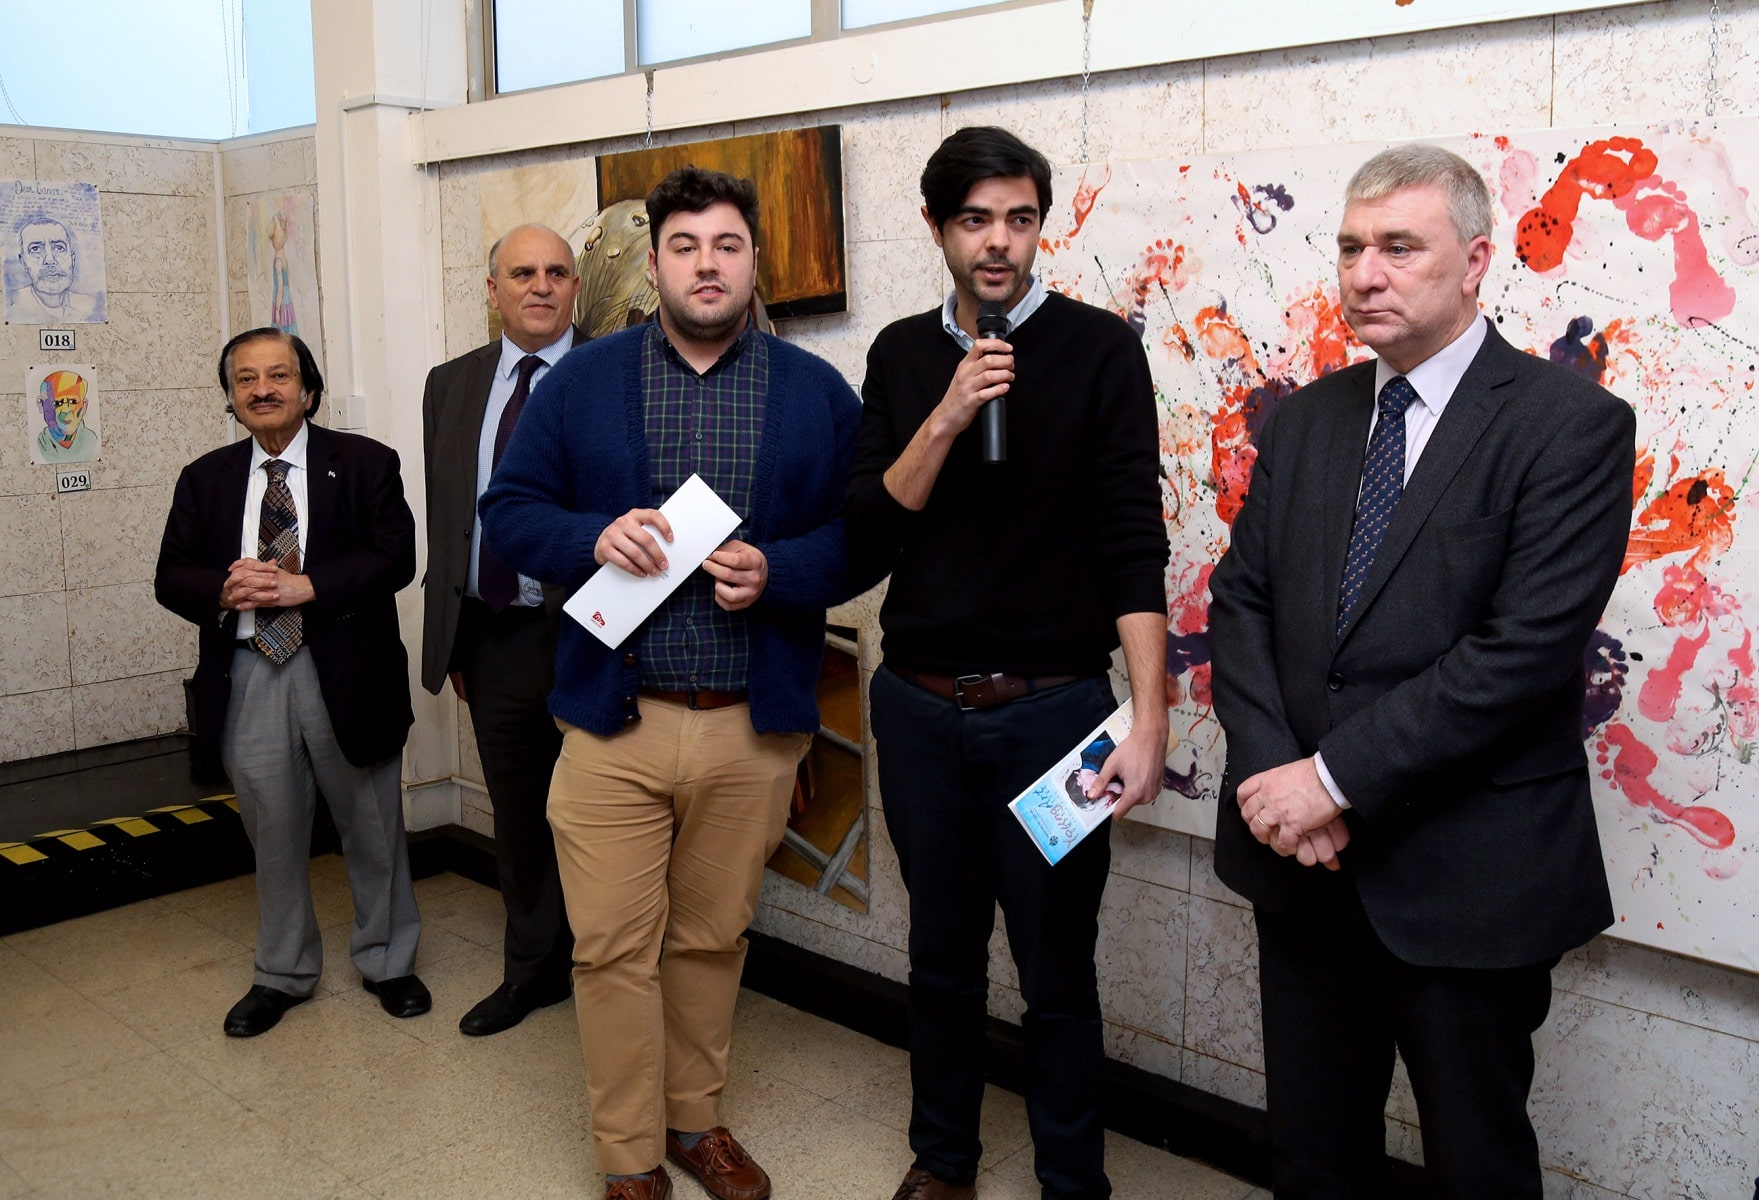 01-mar-2016-entrega-de-premios-concurso-artistas-jvenes-de-gibraltar_25400099141_o